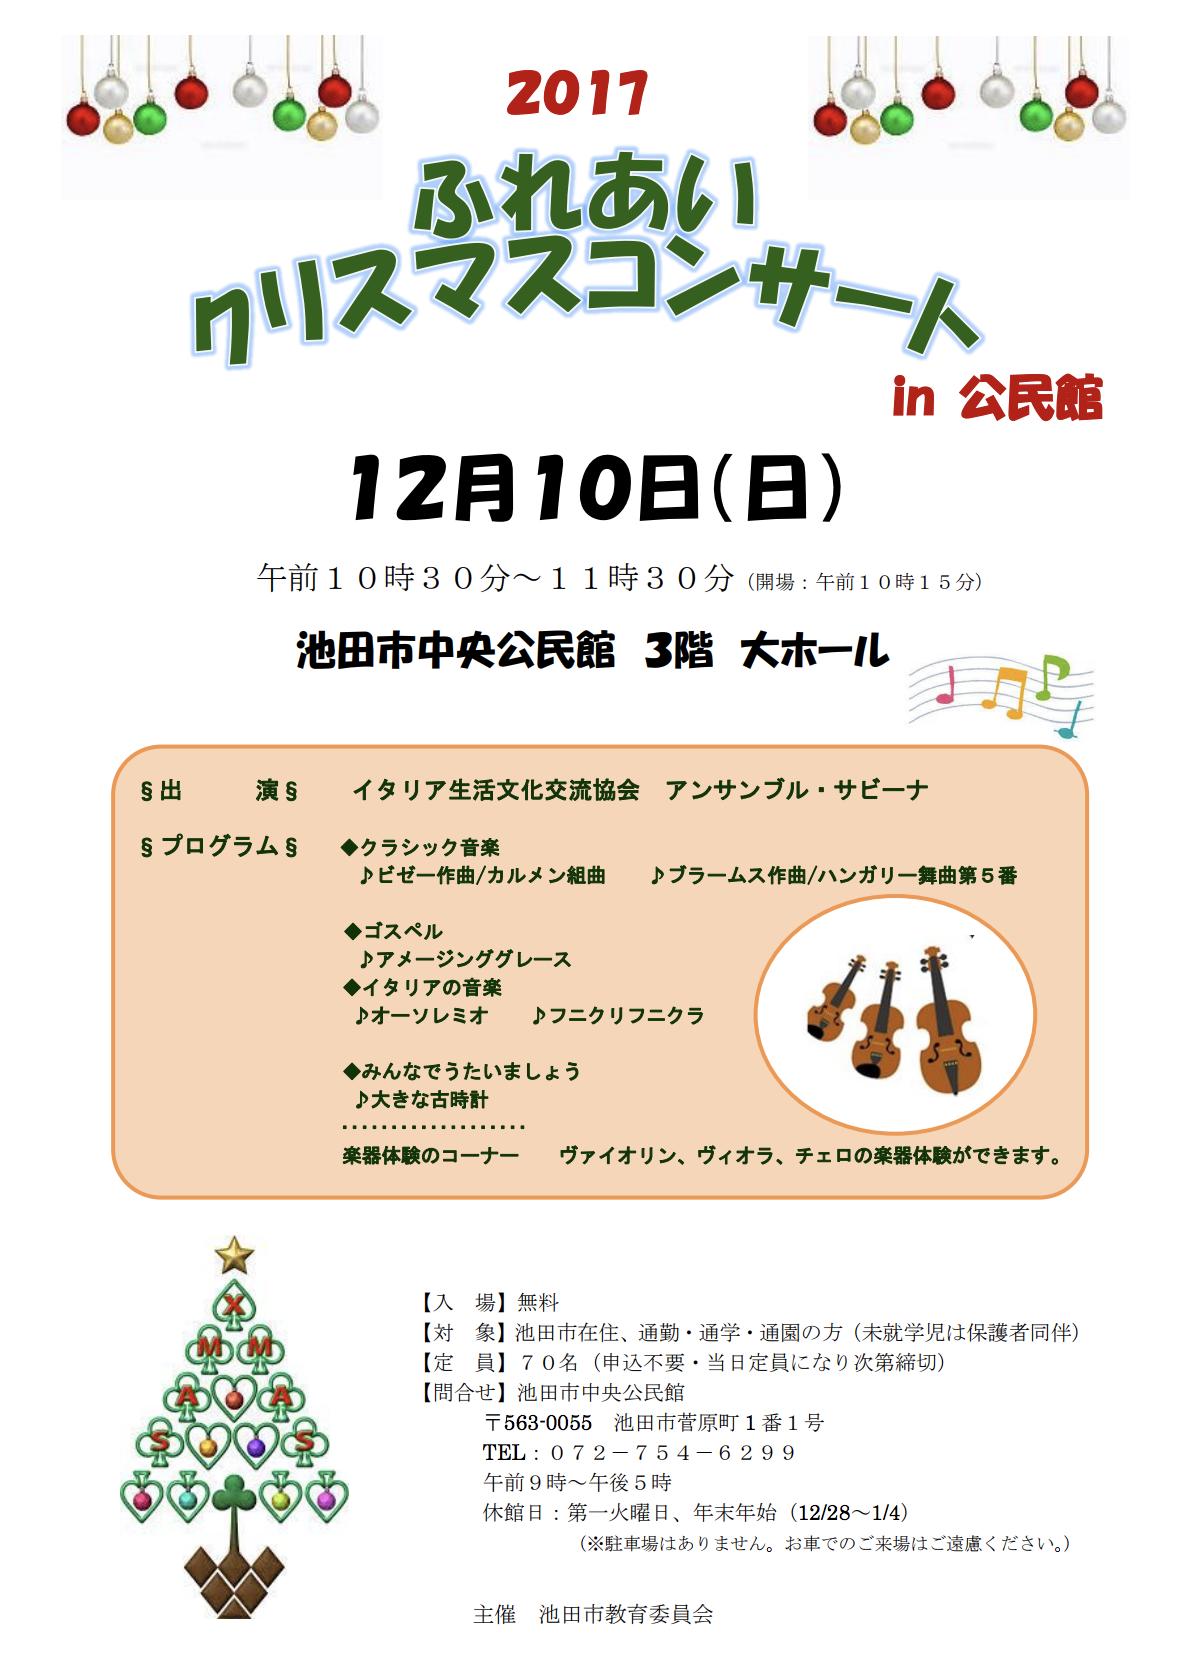 2017 ふれあいクリスマスコンサート